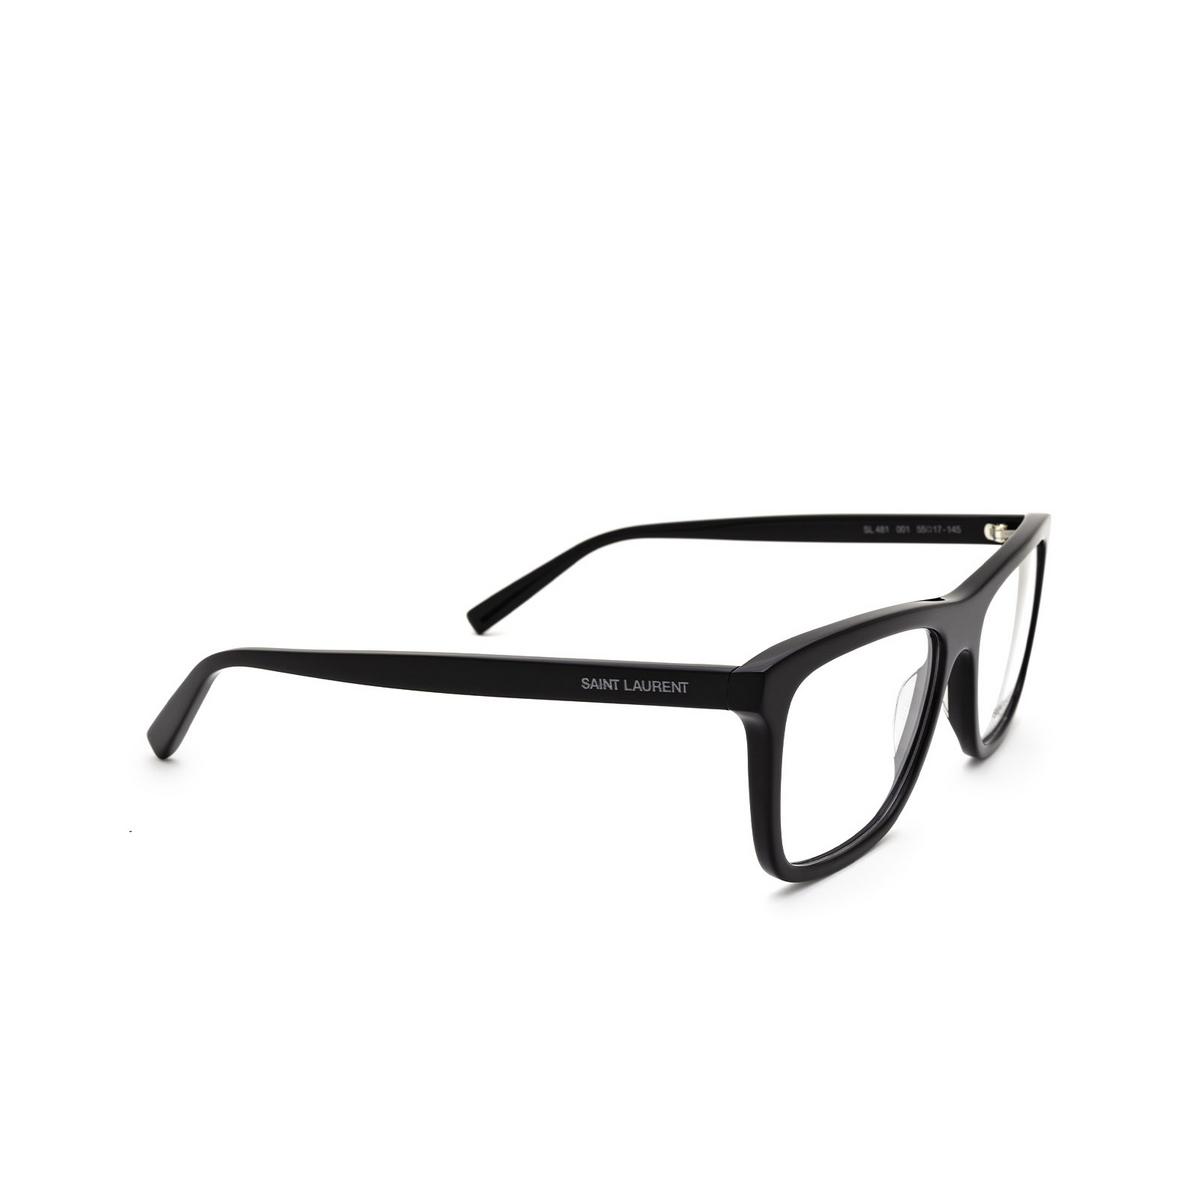 Saint Laurent® Rectangle Eyeglasses: SL 481 color Black 001 - three-quarters view.